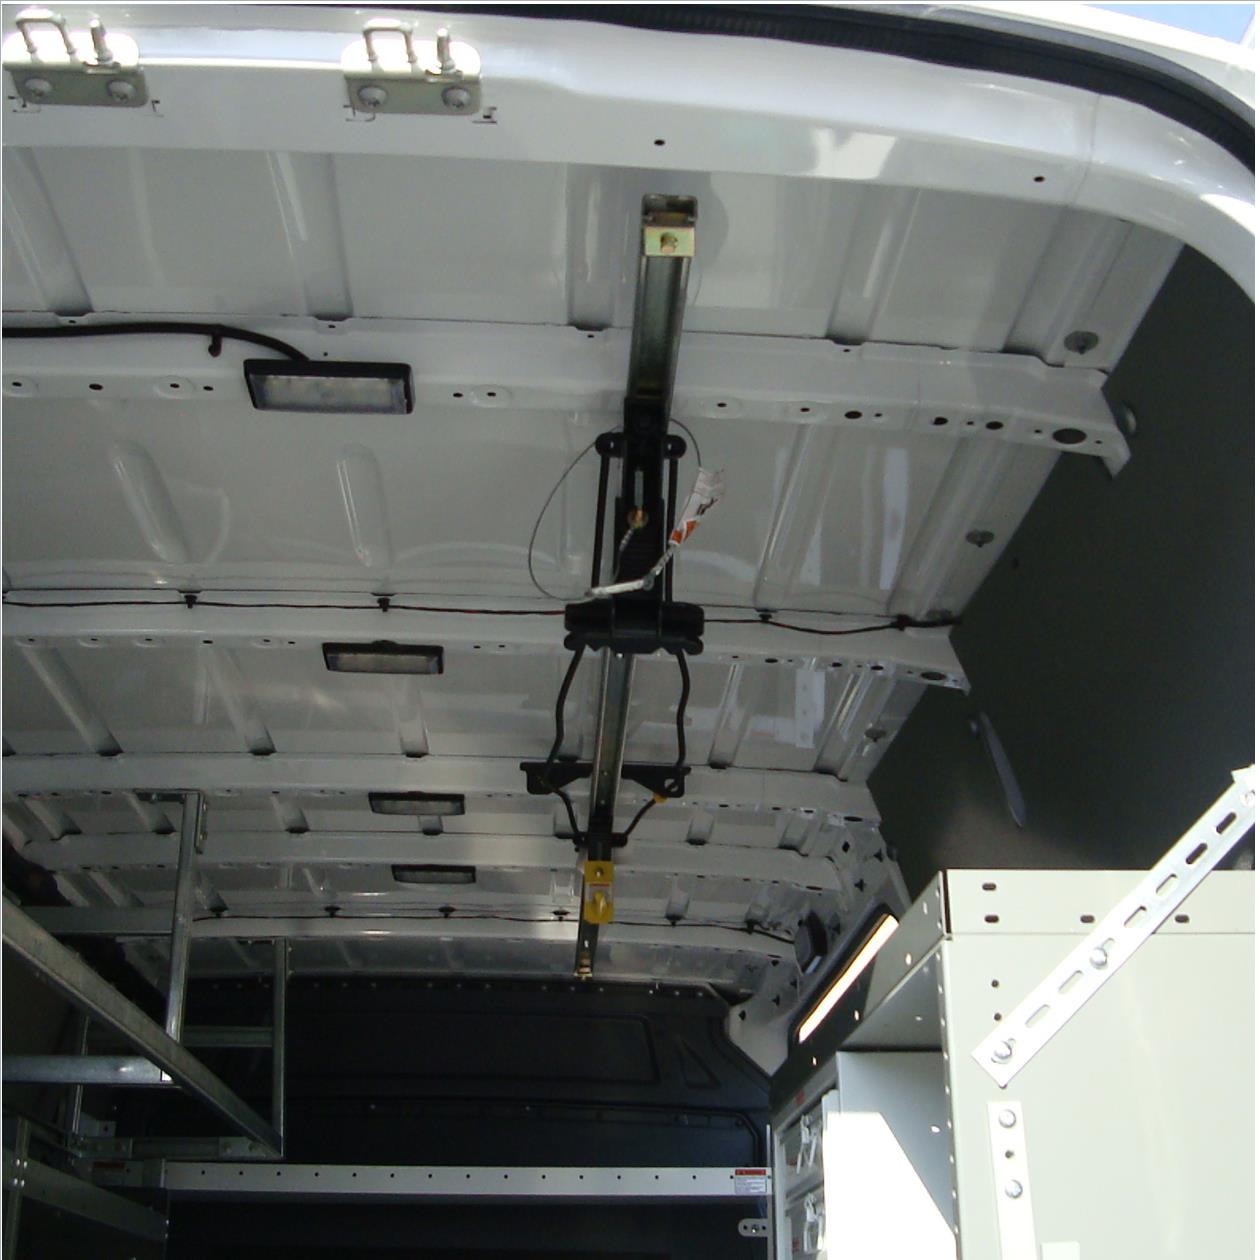 jet rack step ladder storage system model 800